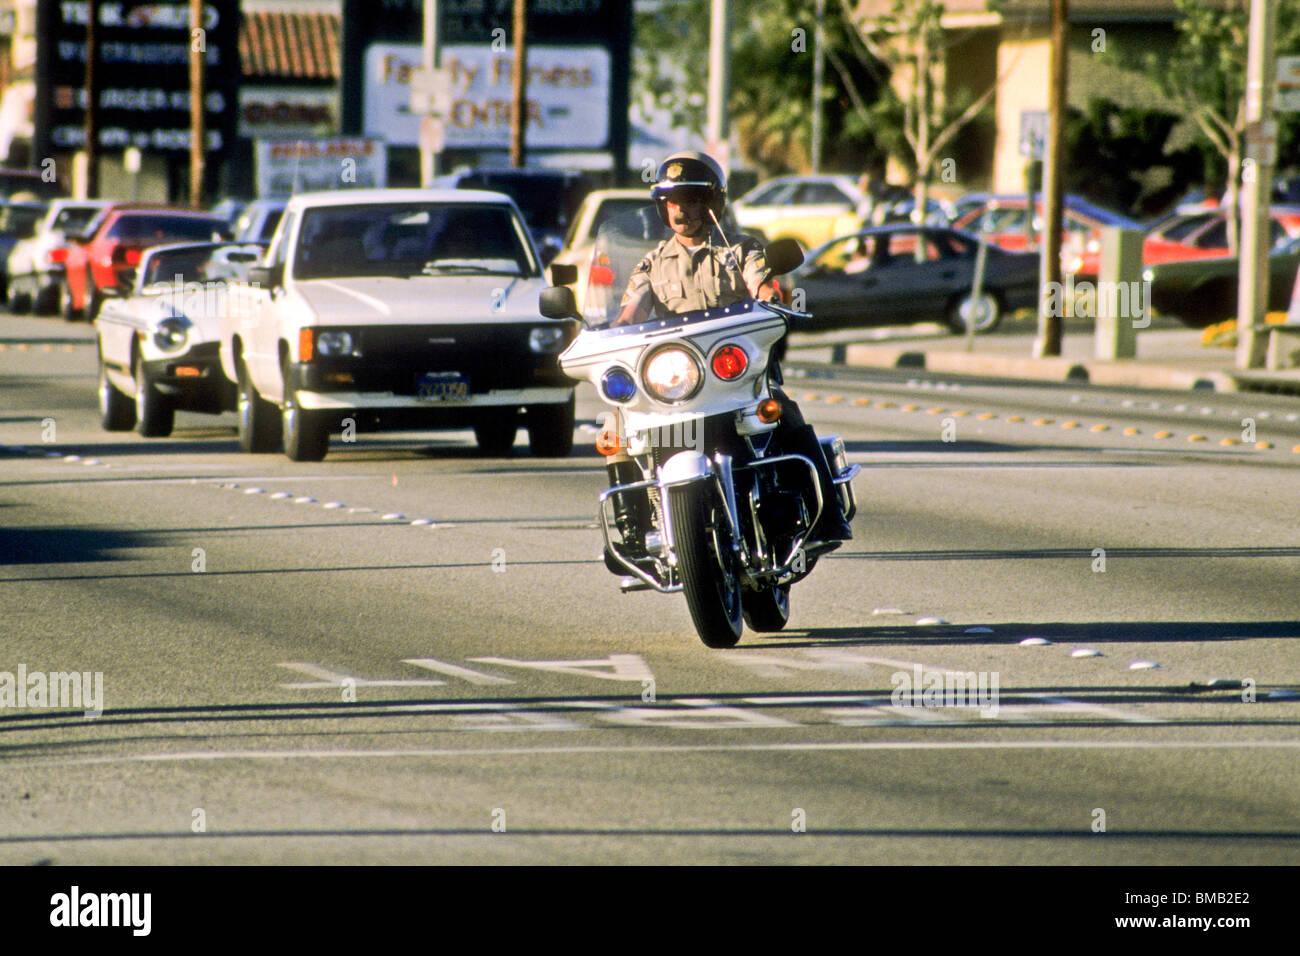 motorcycle police cop motor bike law enforcement emergency response